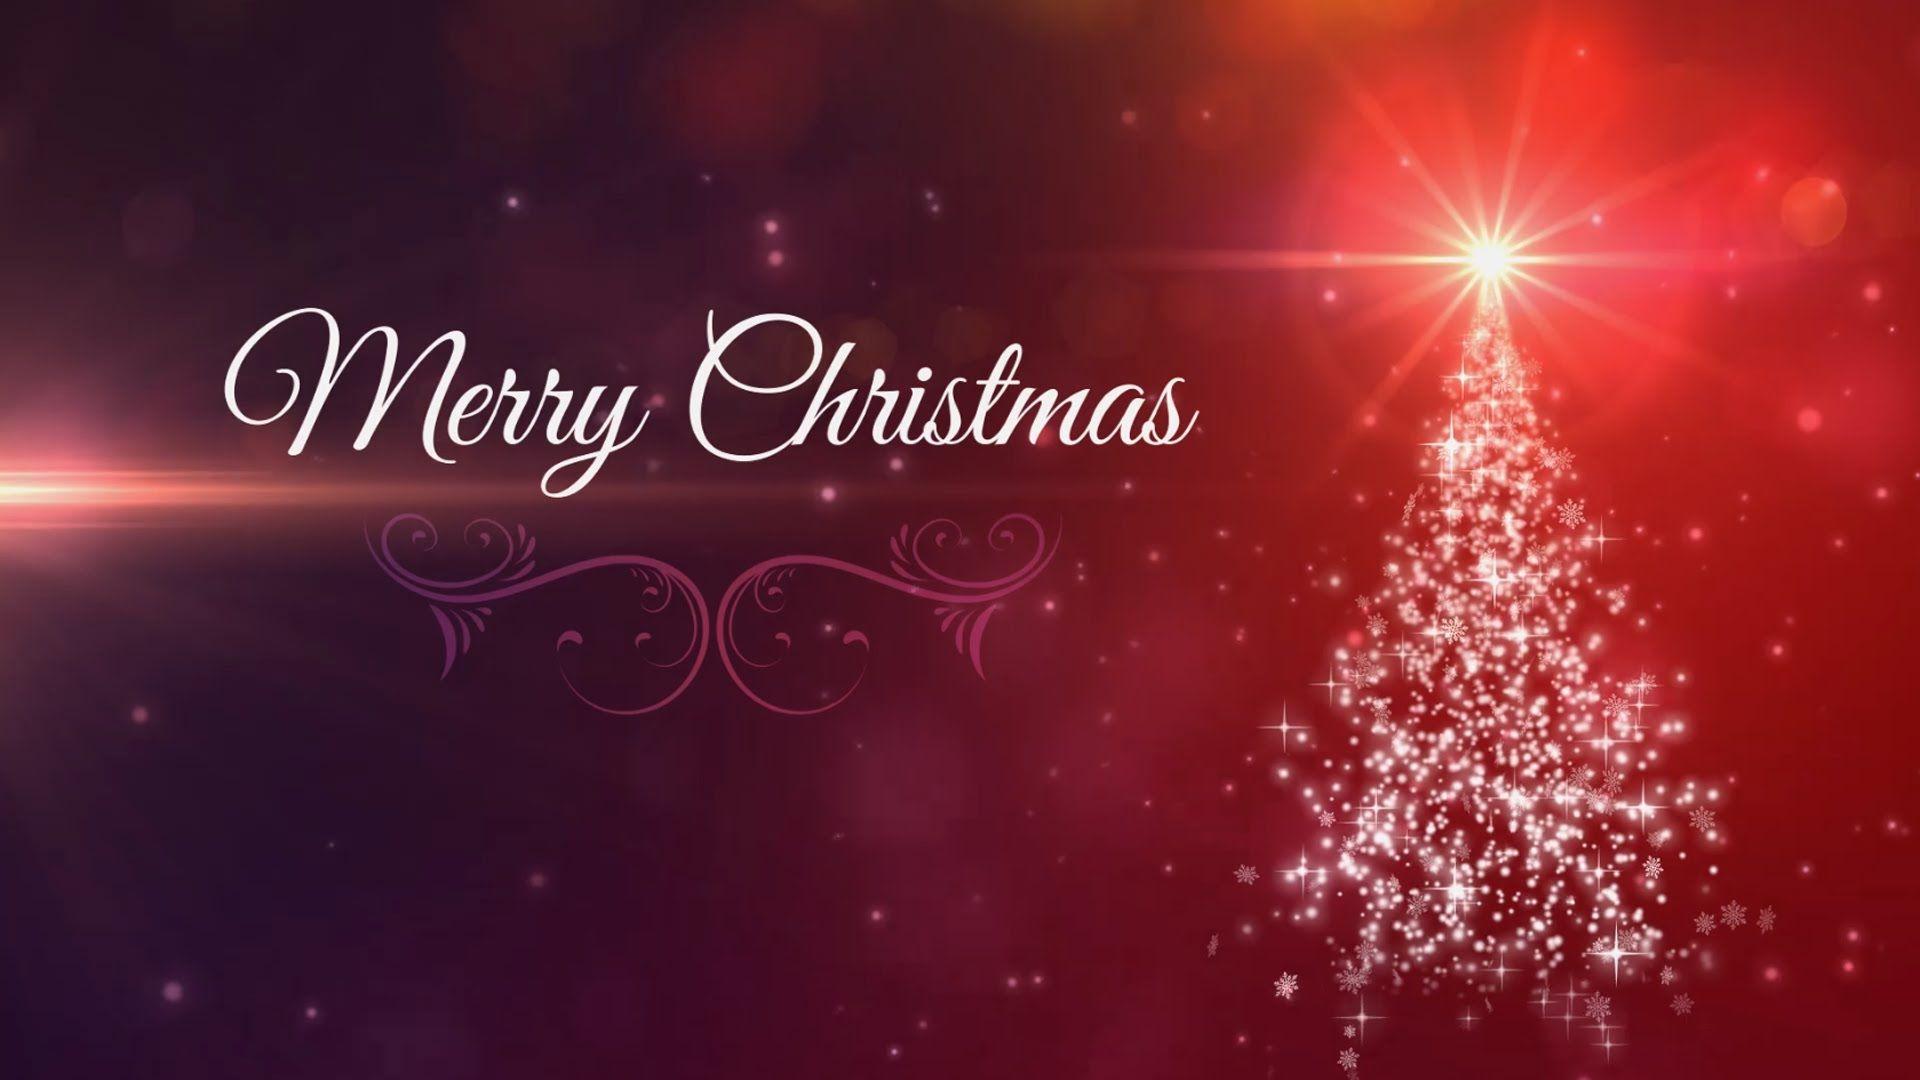 Animated Merry Christmas Merry Christmas Animated